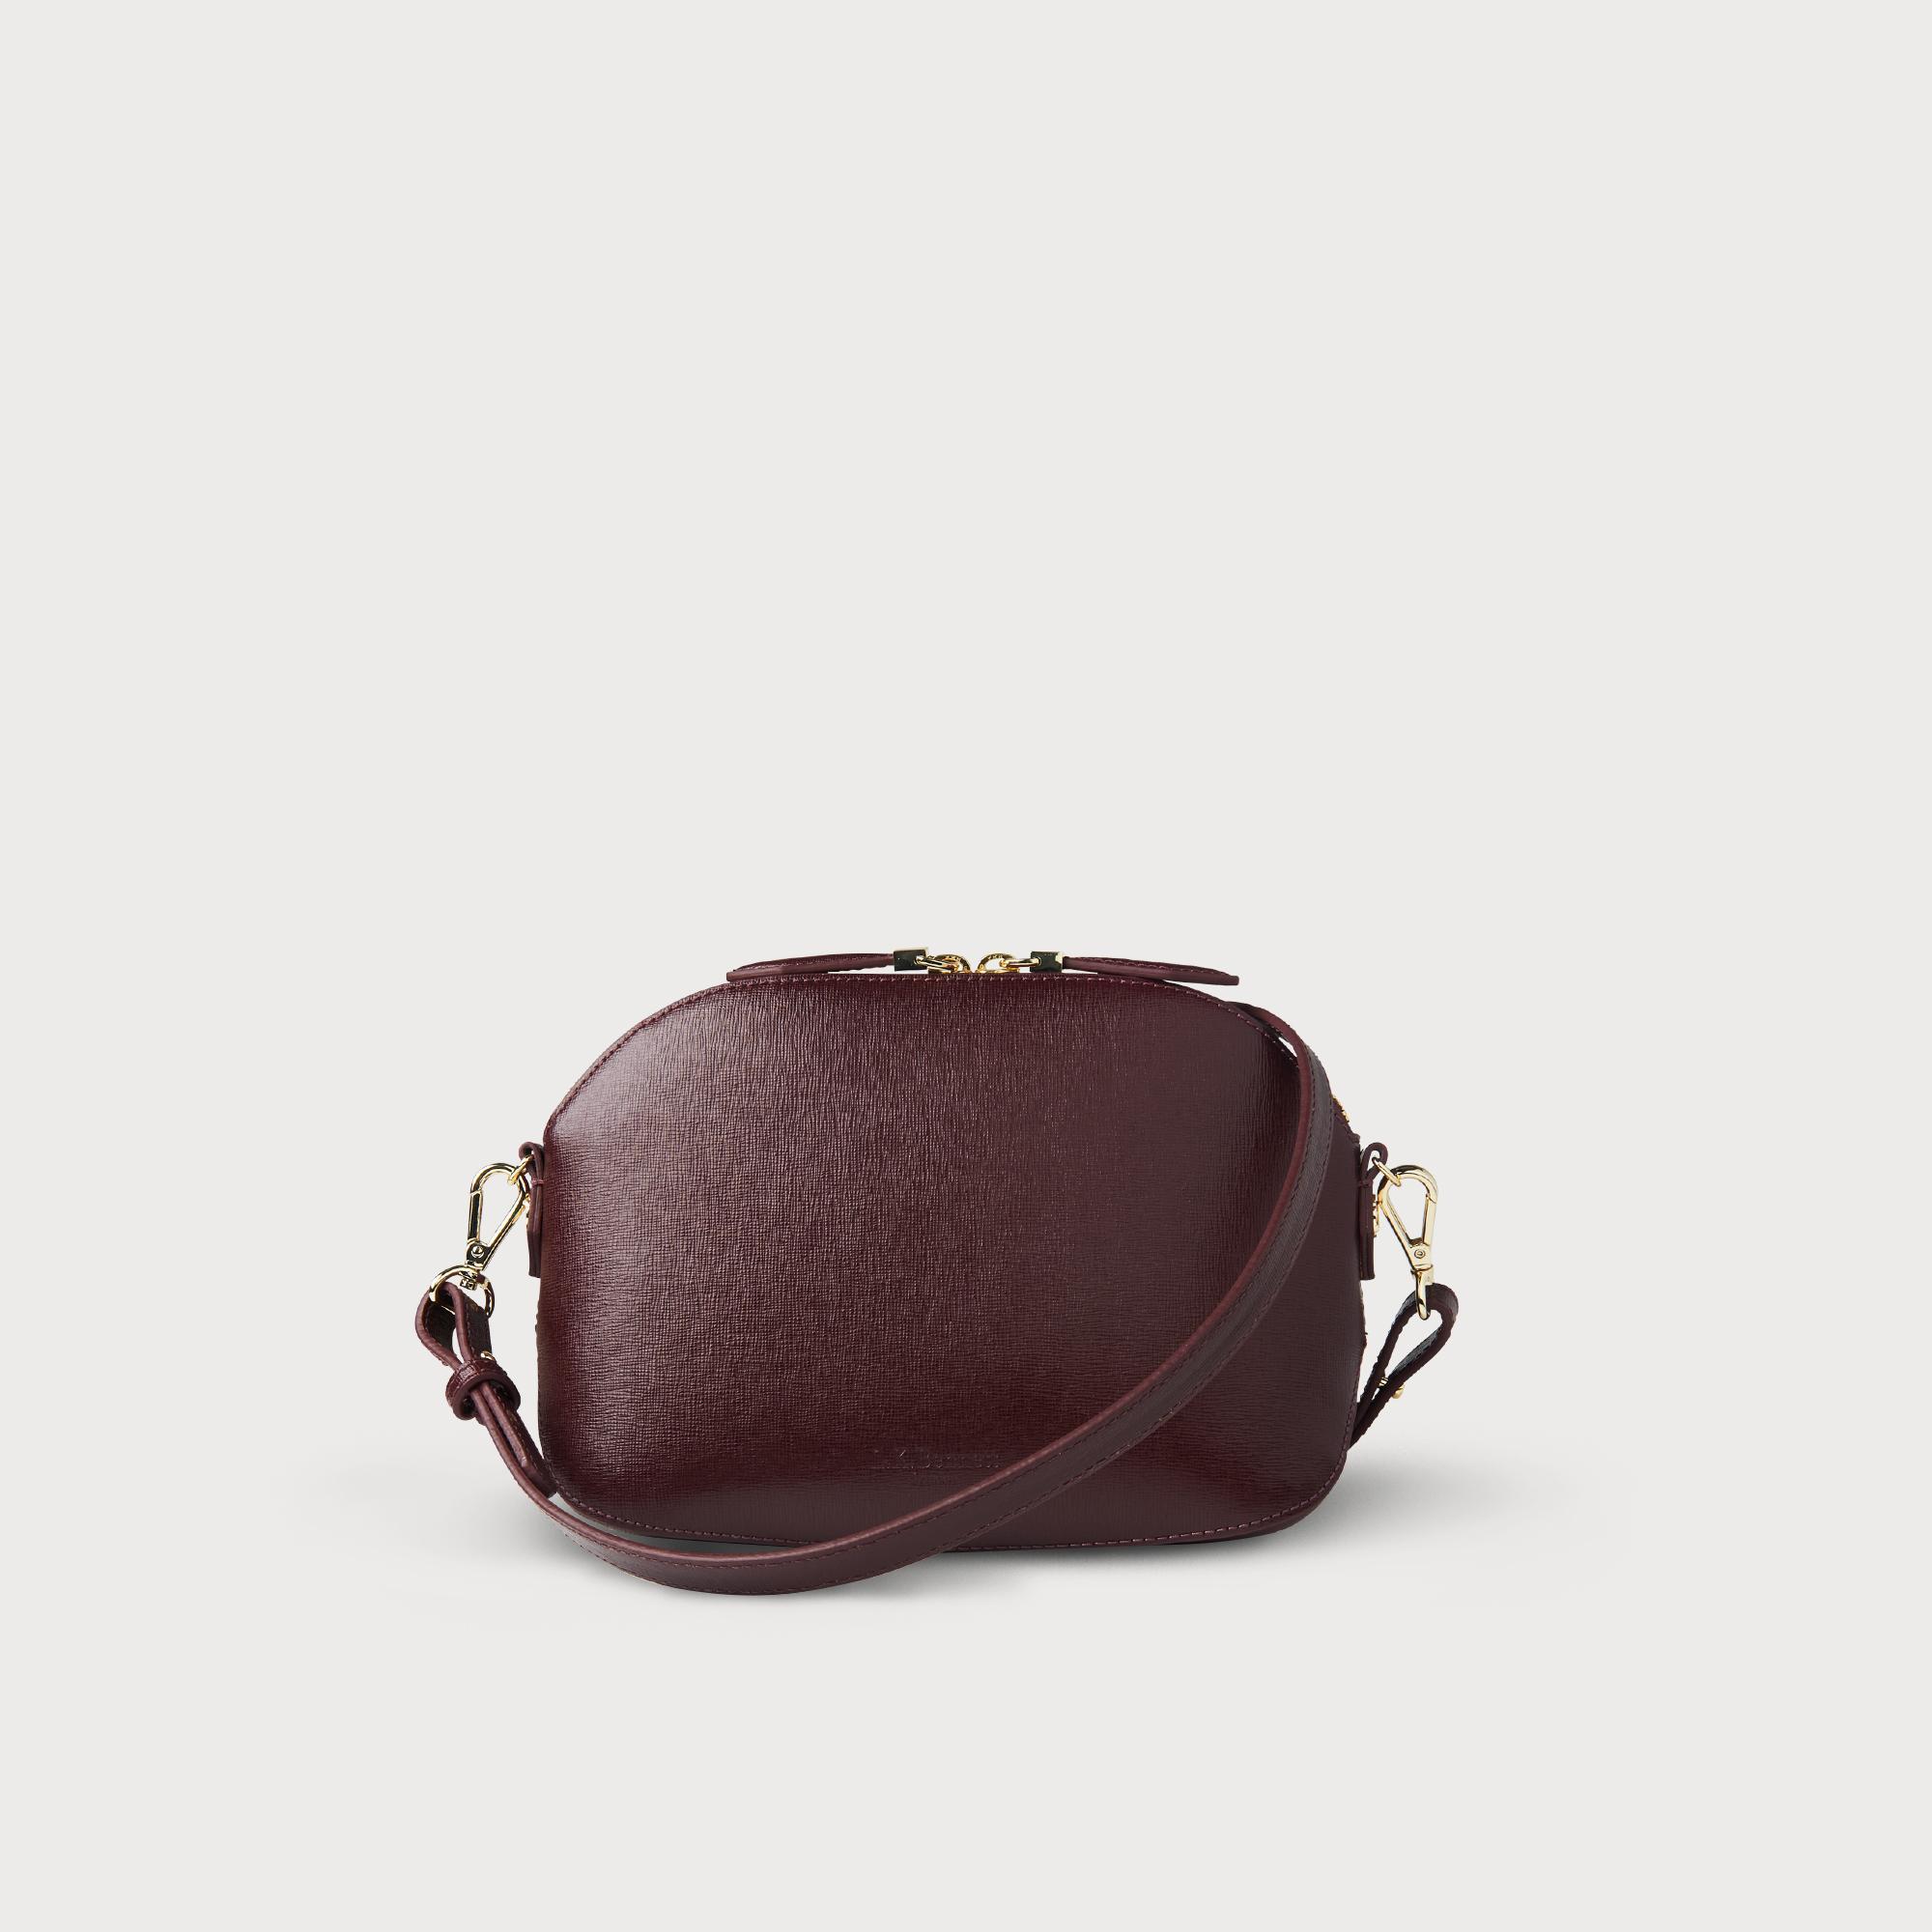 Candice Oxblood Leather Shoulder Bag